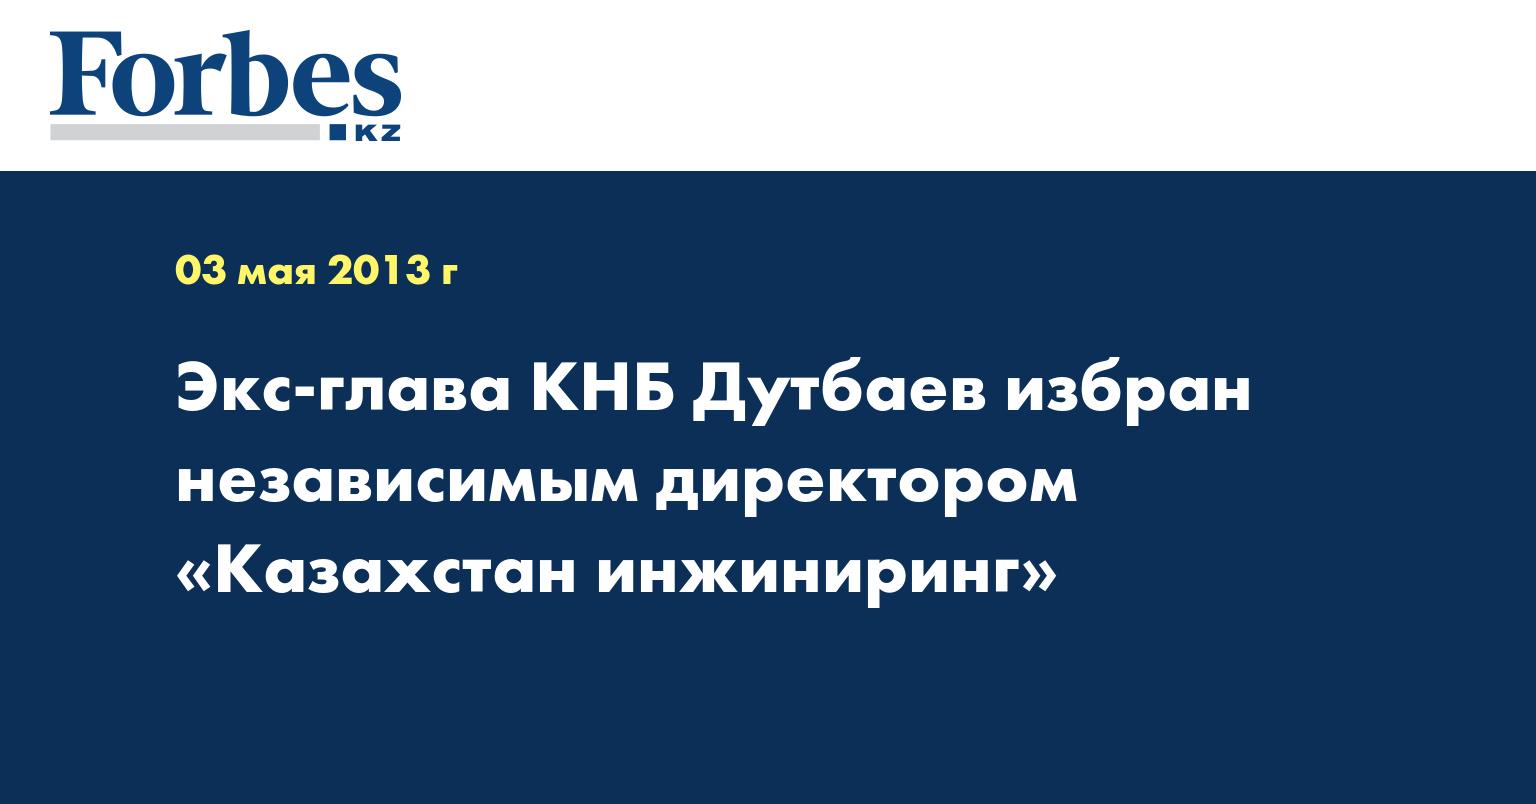 Экс-глава КНБ Дутбаев избран независимым директором «Казахстан инжиниринг»